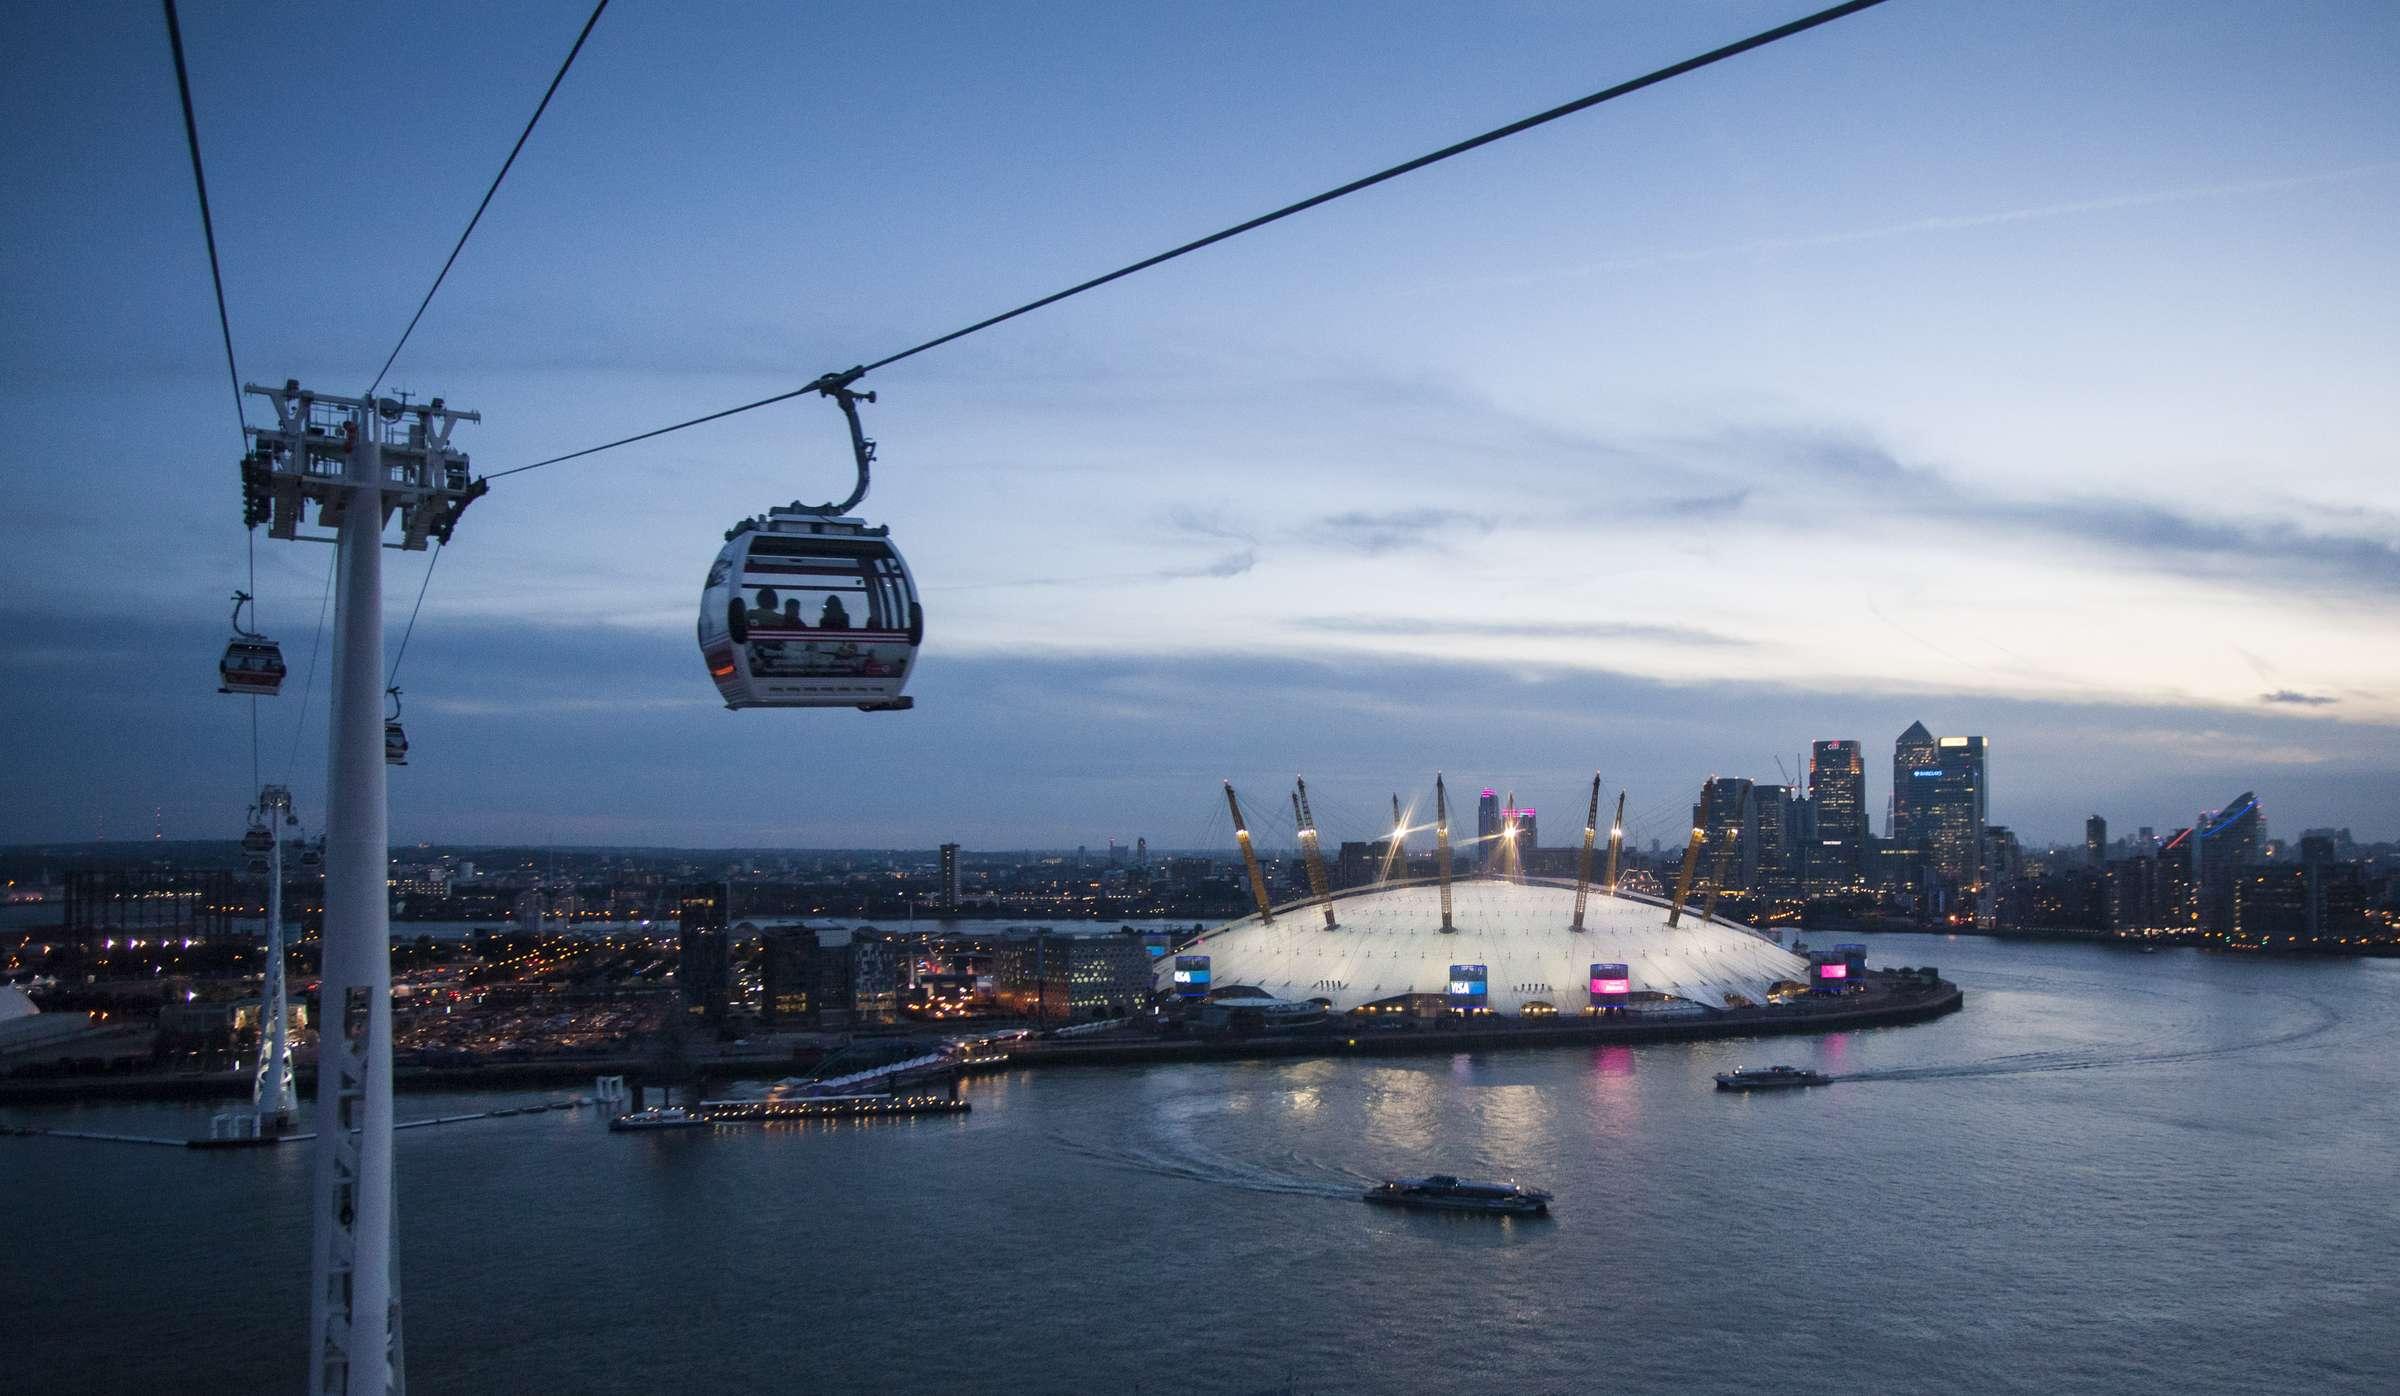 Londra është qyteti më i mirë në Evropë për kompanitë dhe punonjësit